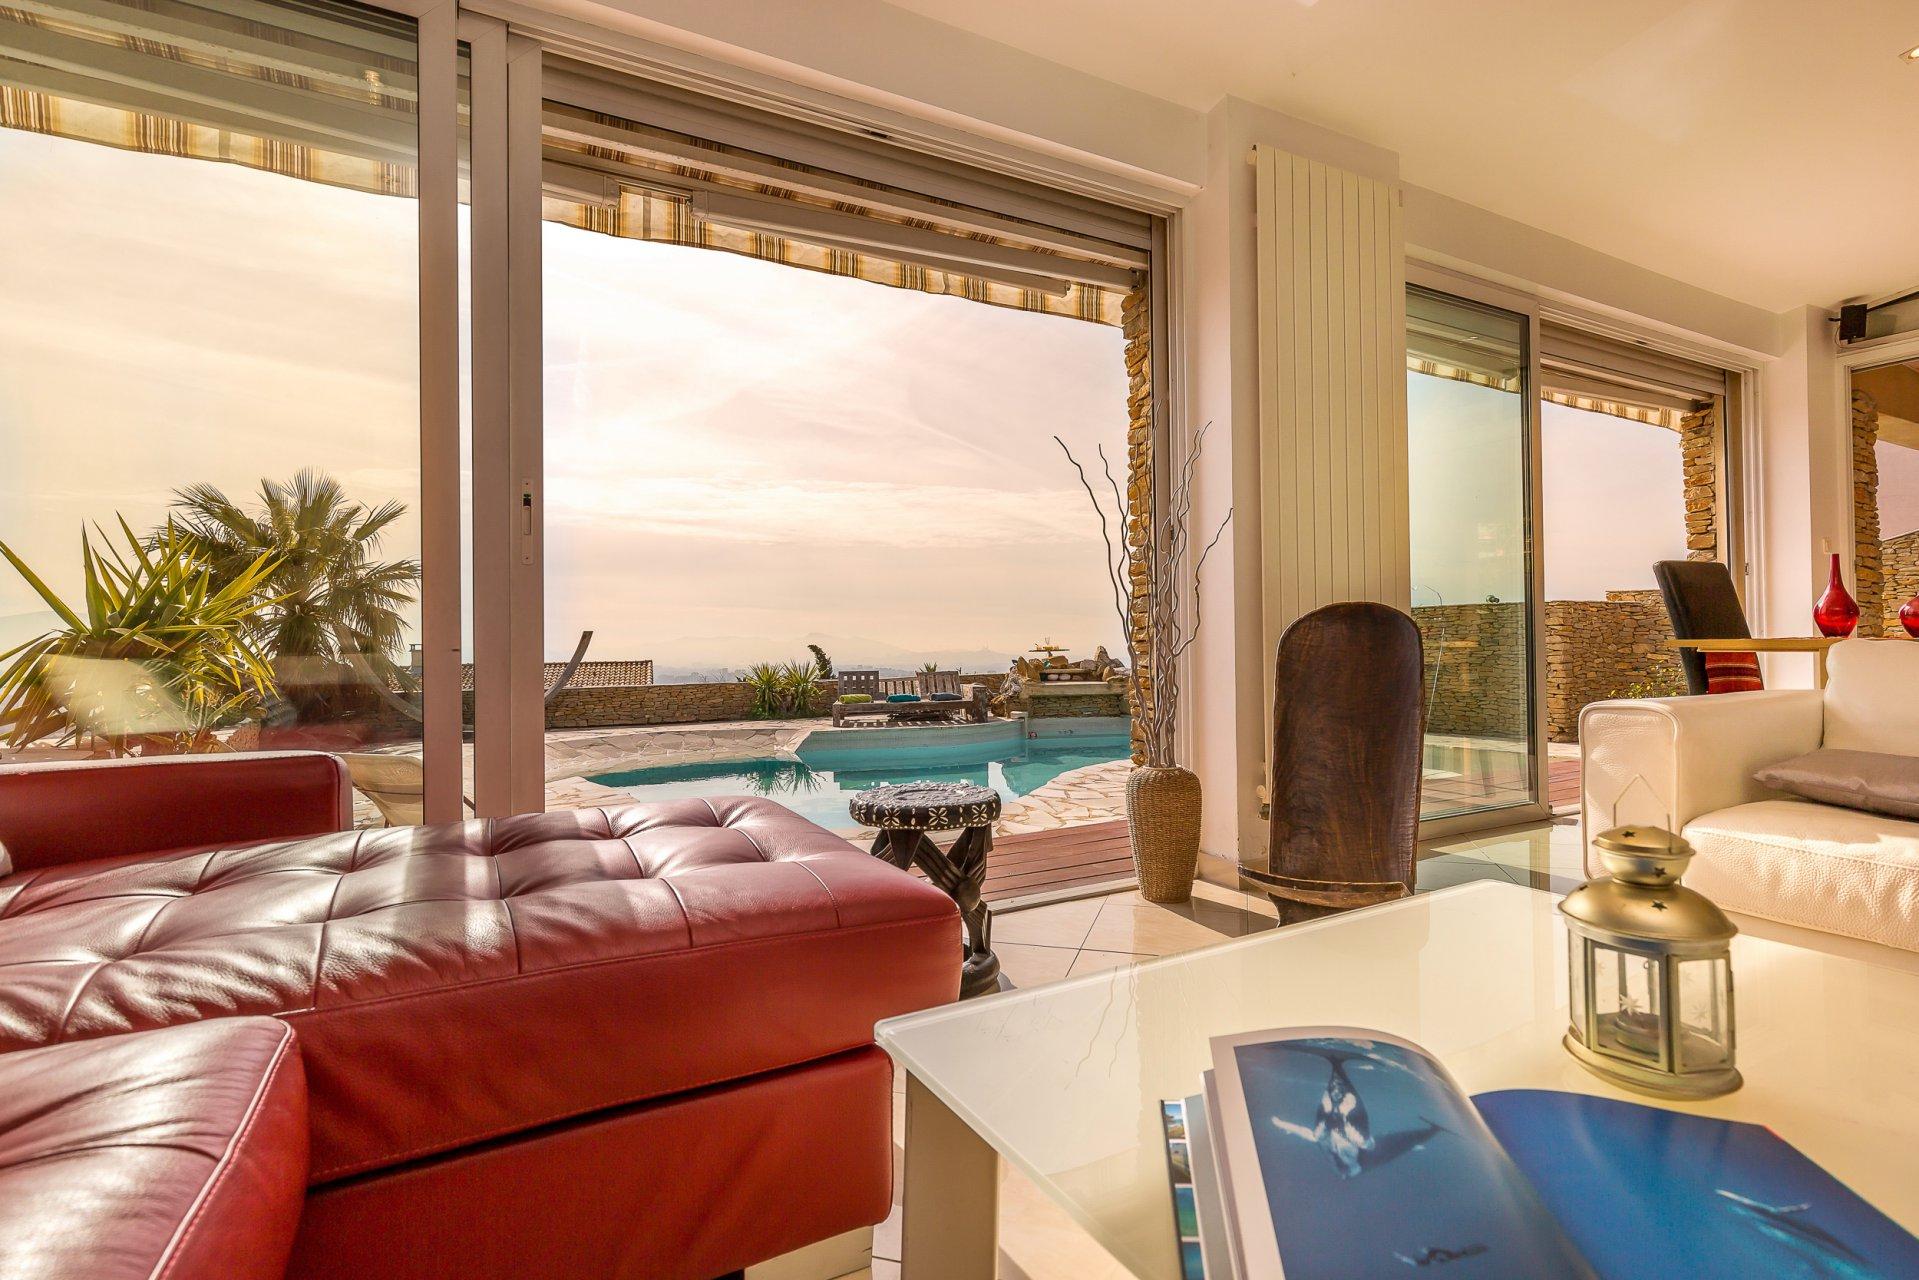 Marseille Location Villa Provence Bord De Mer Avec Piscine Privee Et Vue Mer pour Piscine Privée Marseille